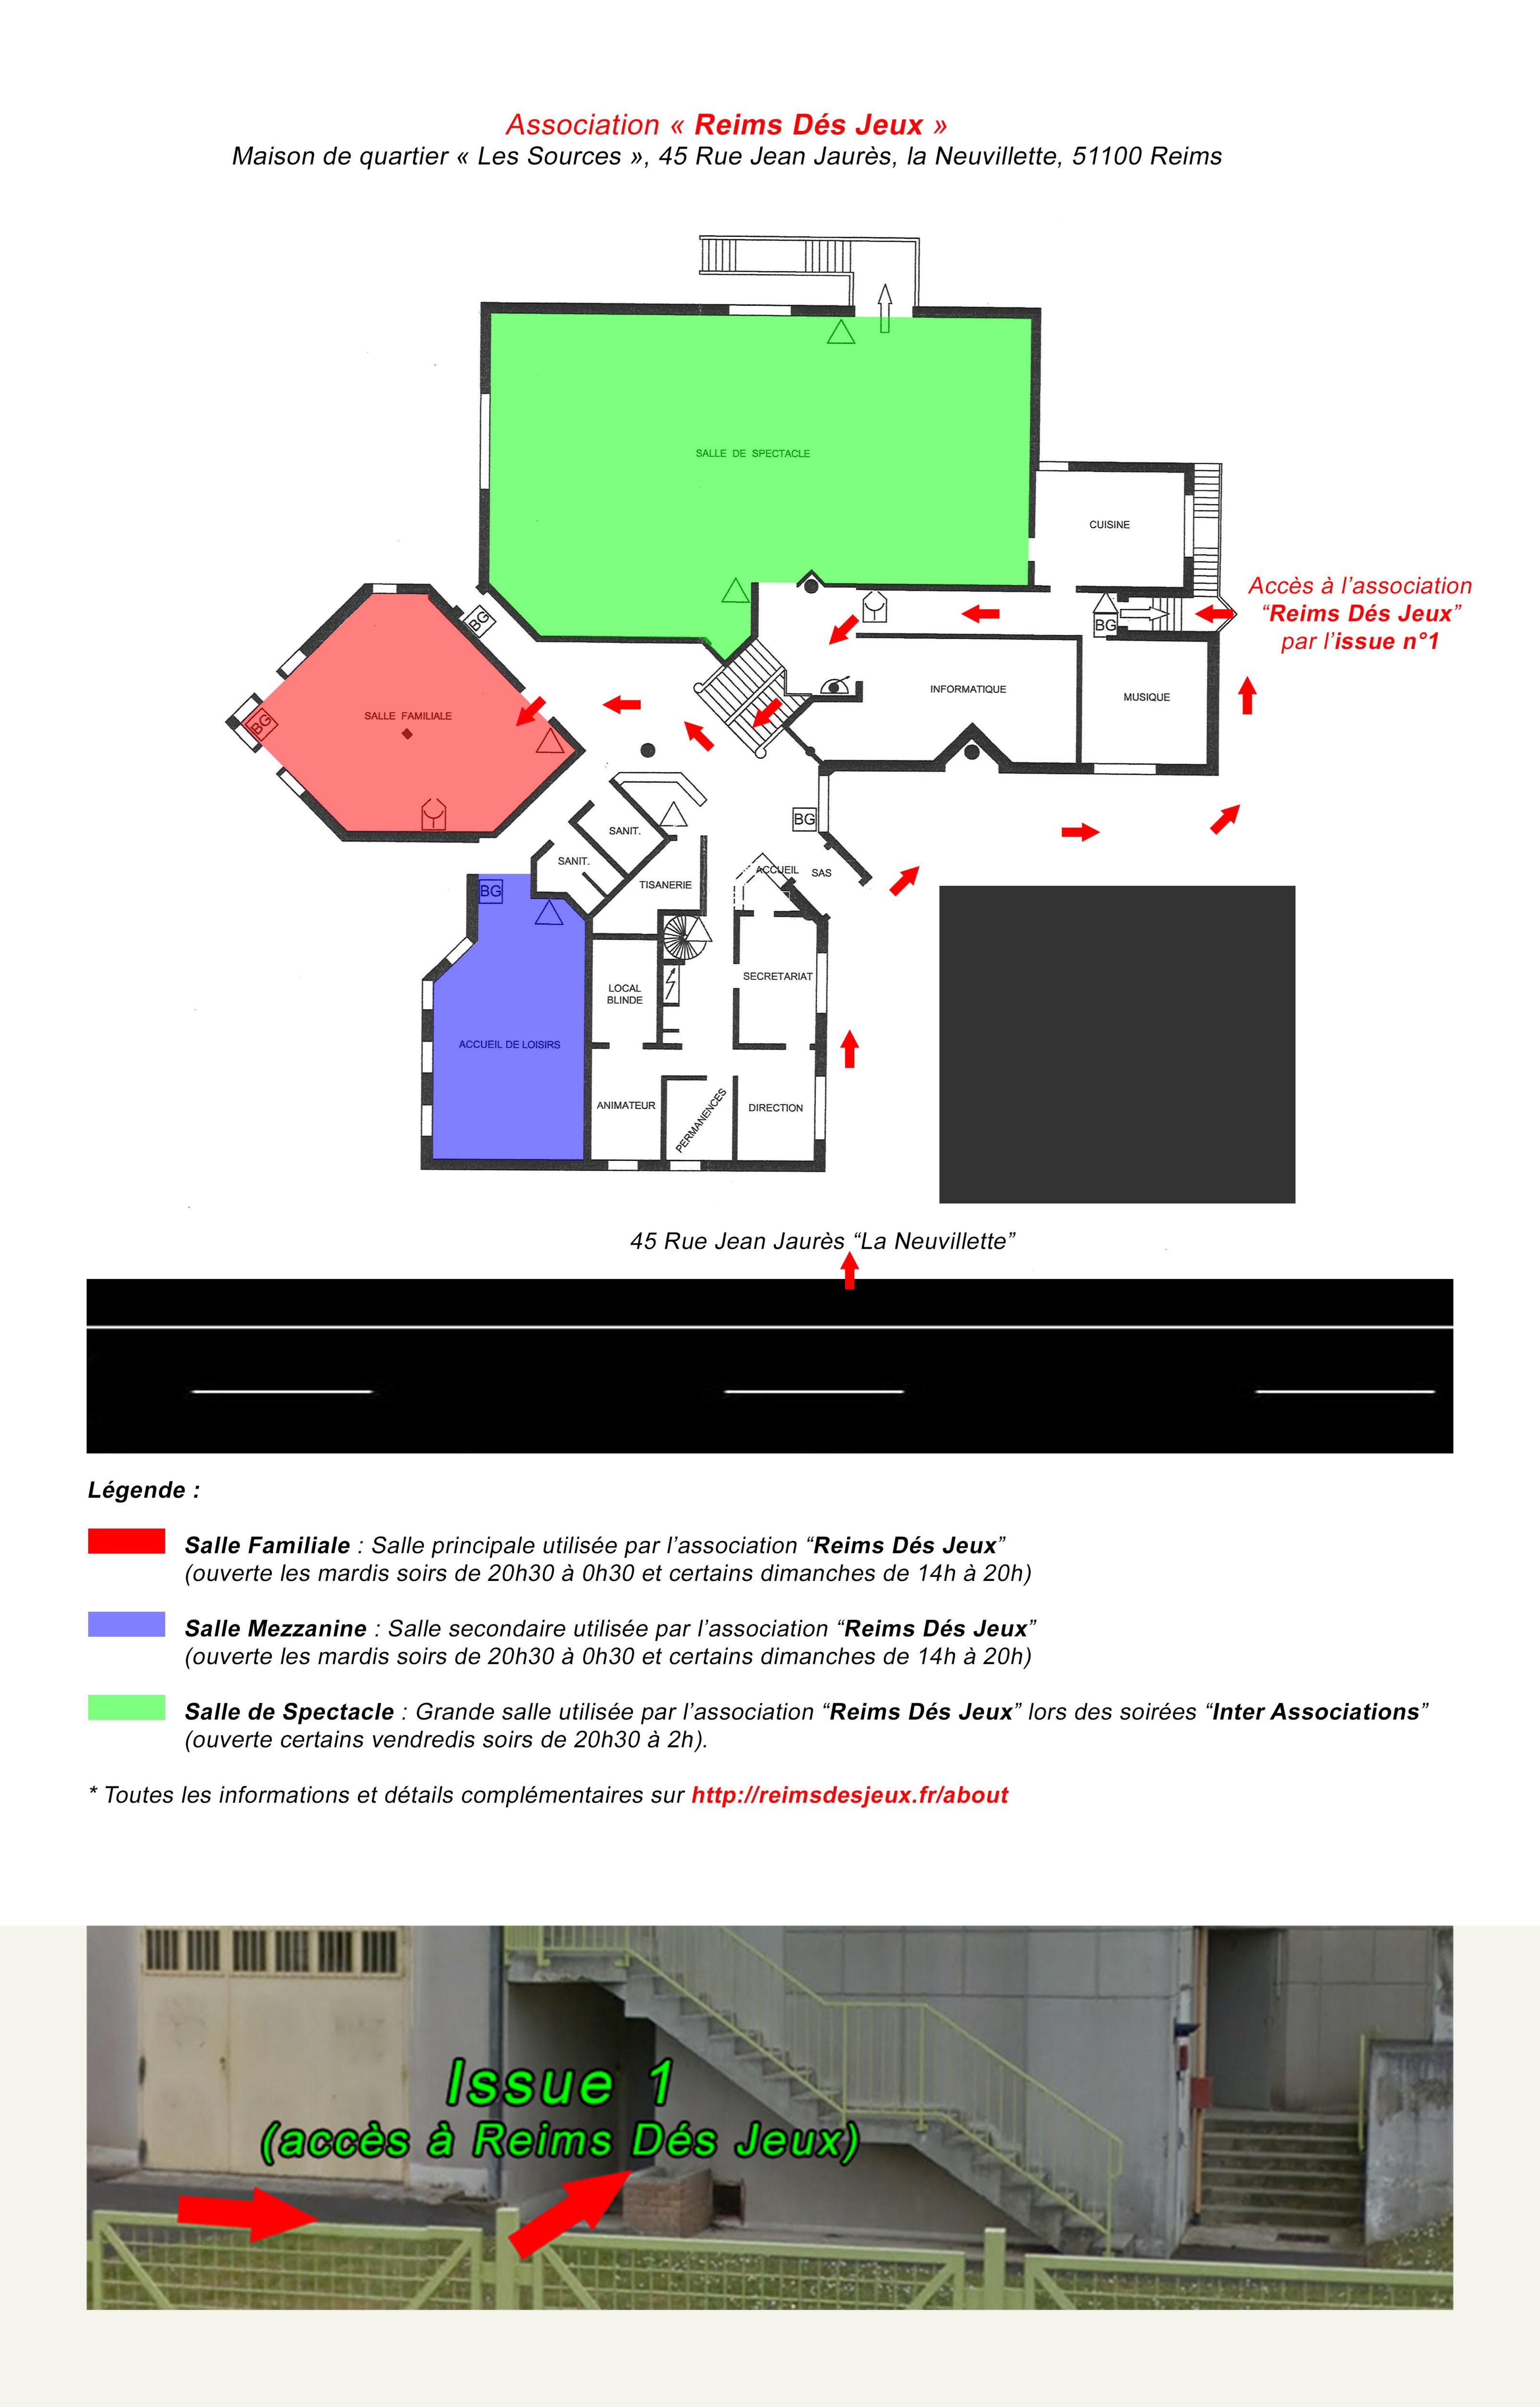 l 39 acc s l 39 association reims d s jeux se fait d sormais par l 39 issue n 1 reims d s jeux. Black Bedroom Furniture Sets. Home Design Ideas